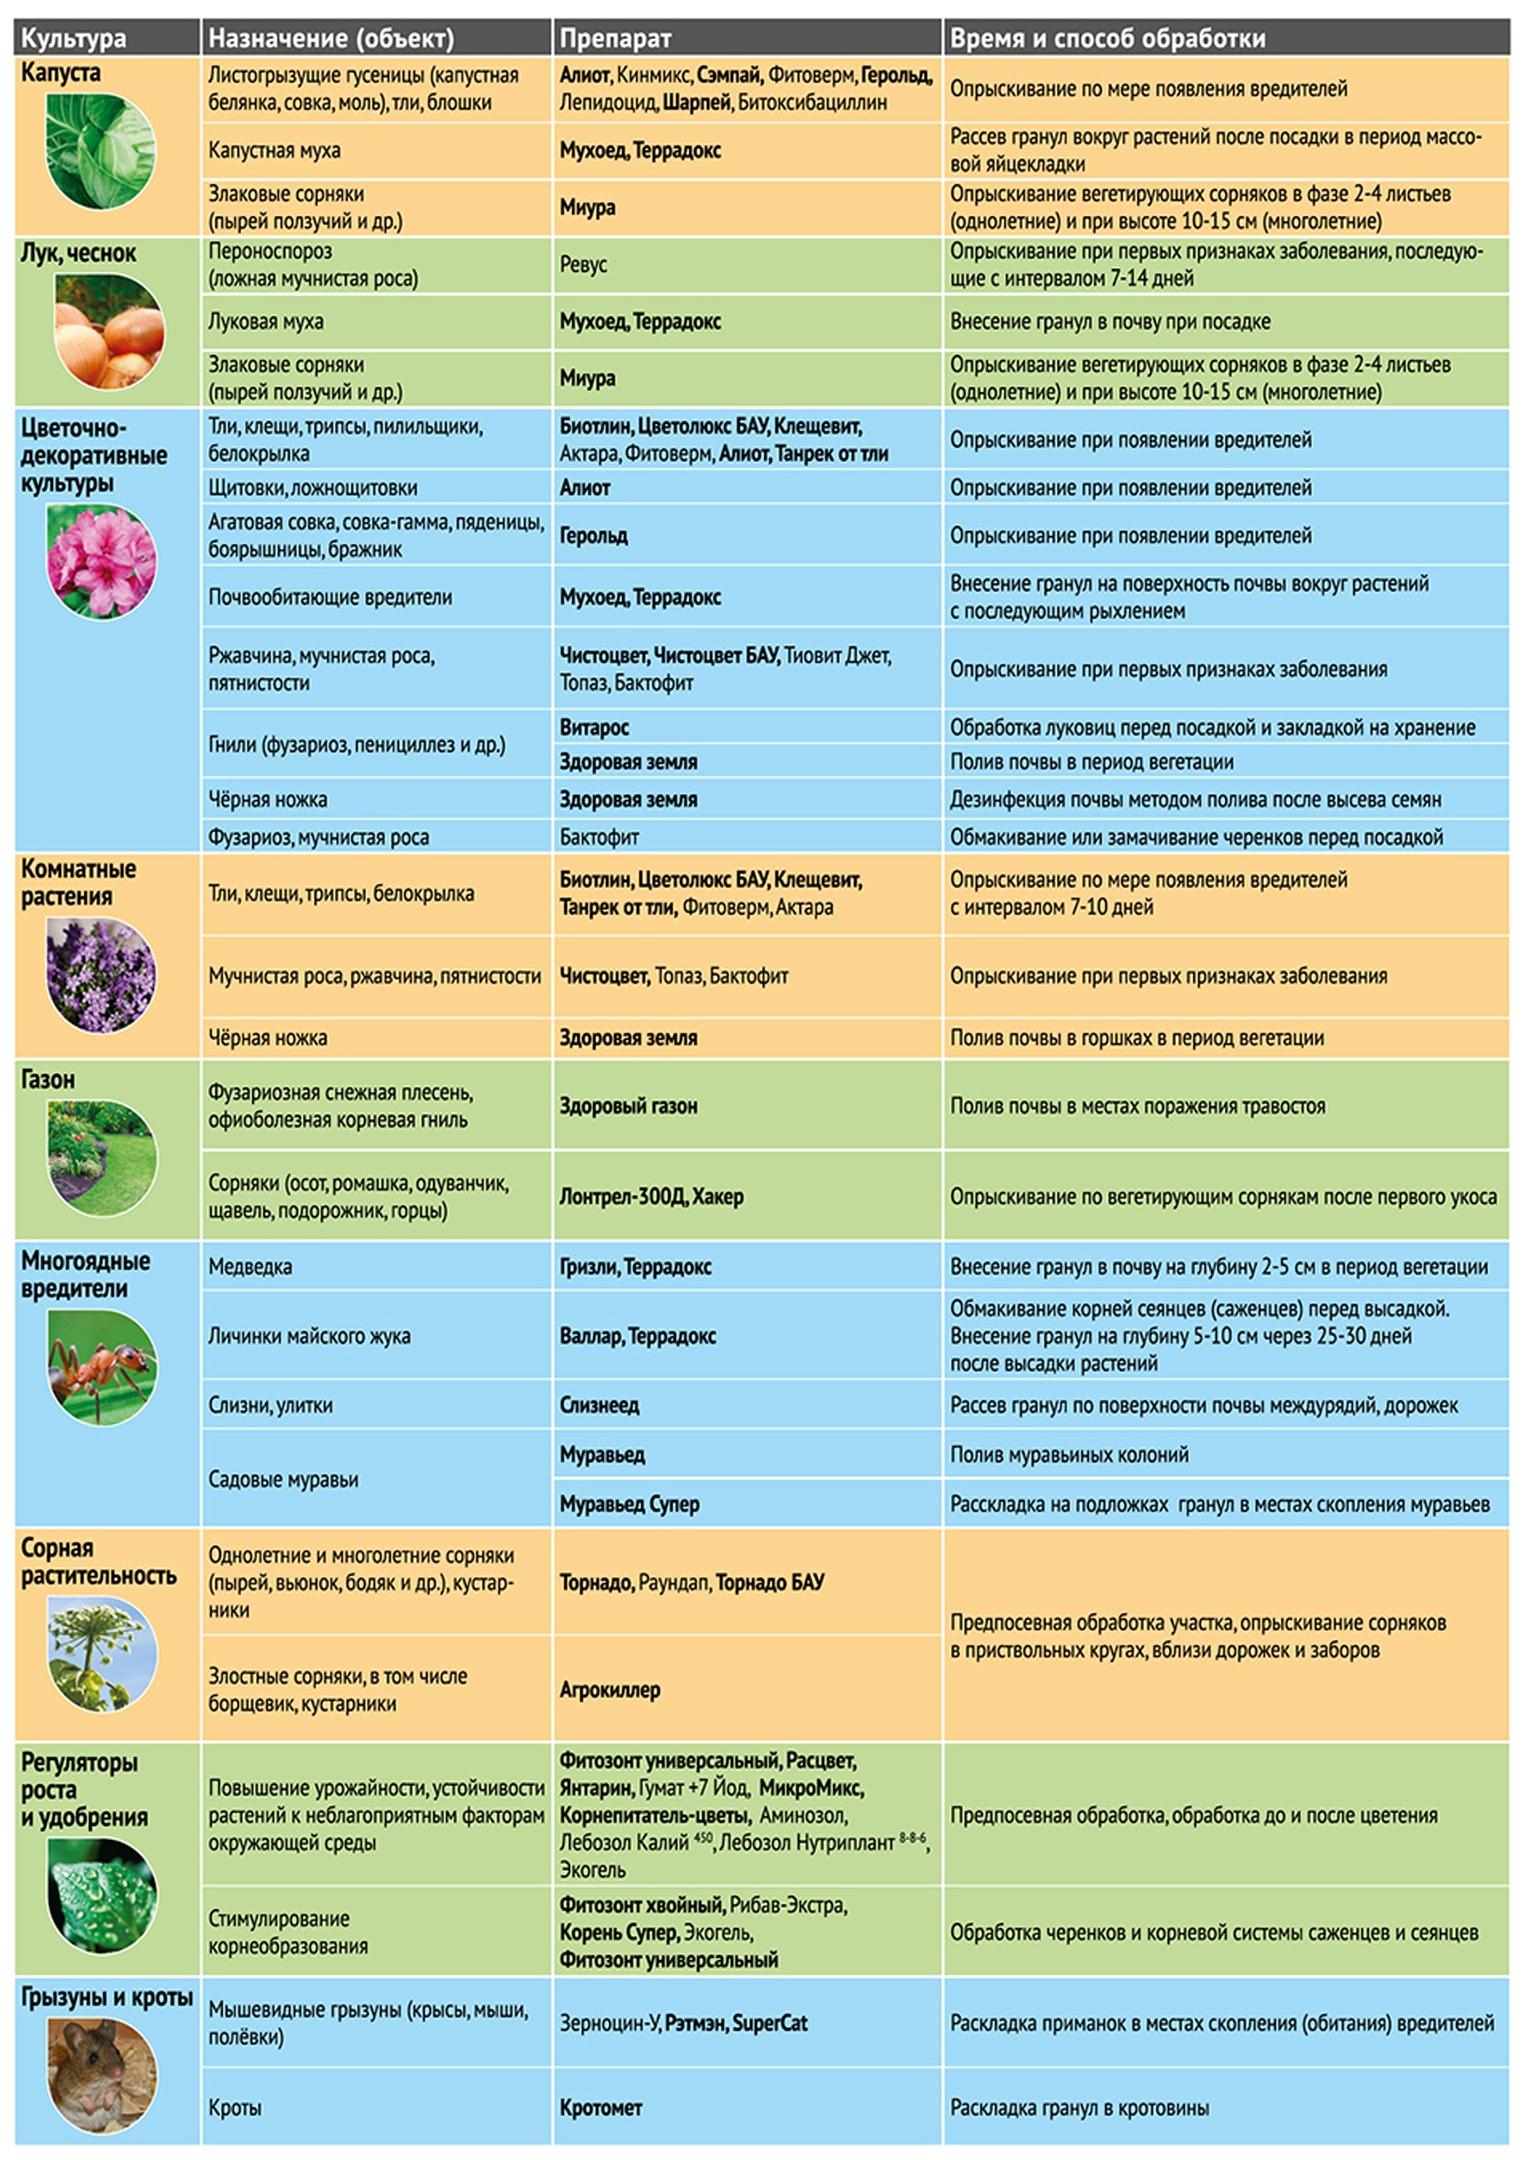 Рекомендации по защите садовых и огородных культур магазинными препаратами